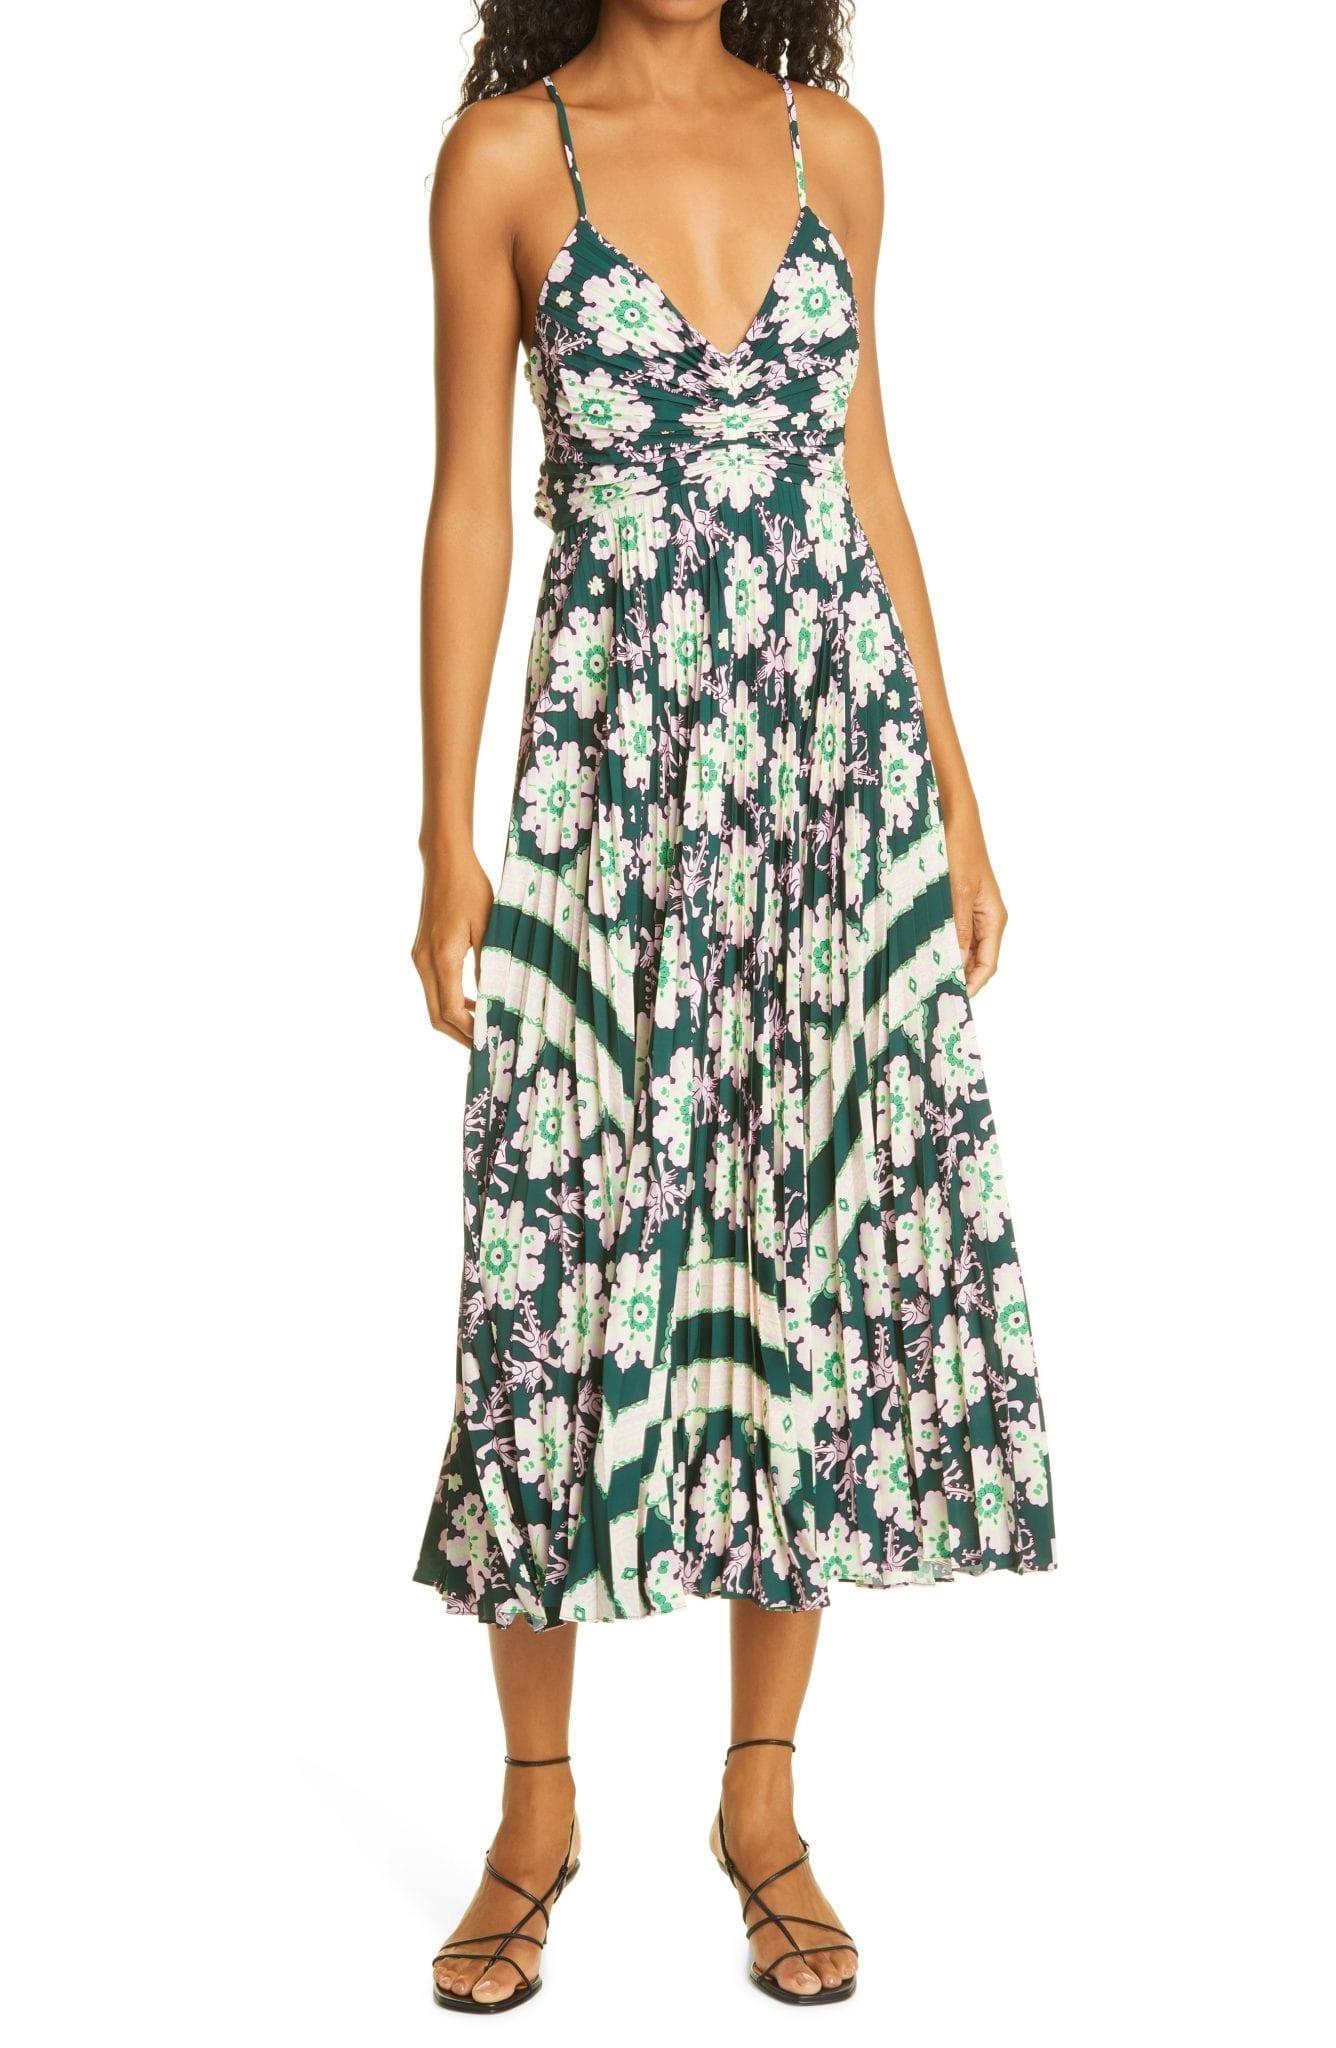 A.L.C. Gemini Print Pleated Dress